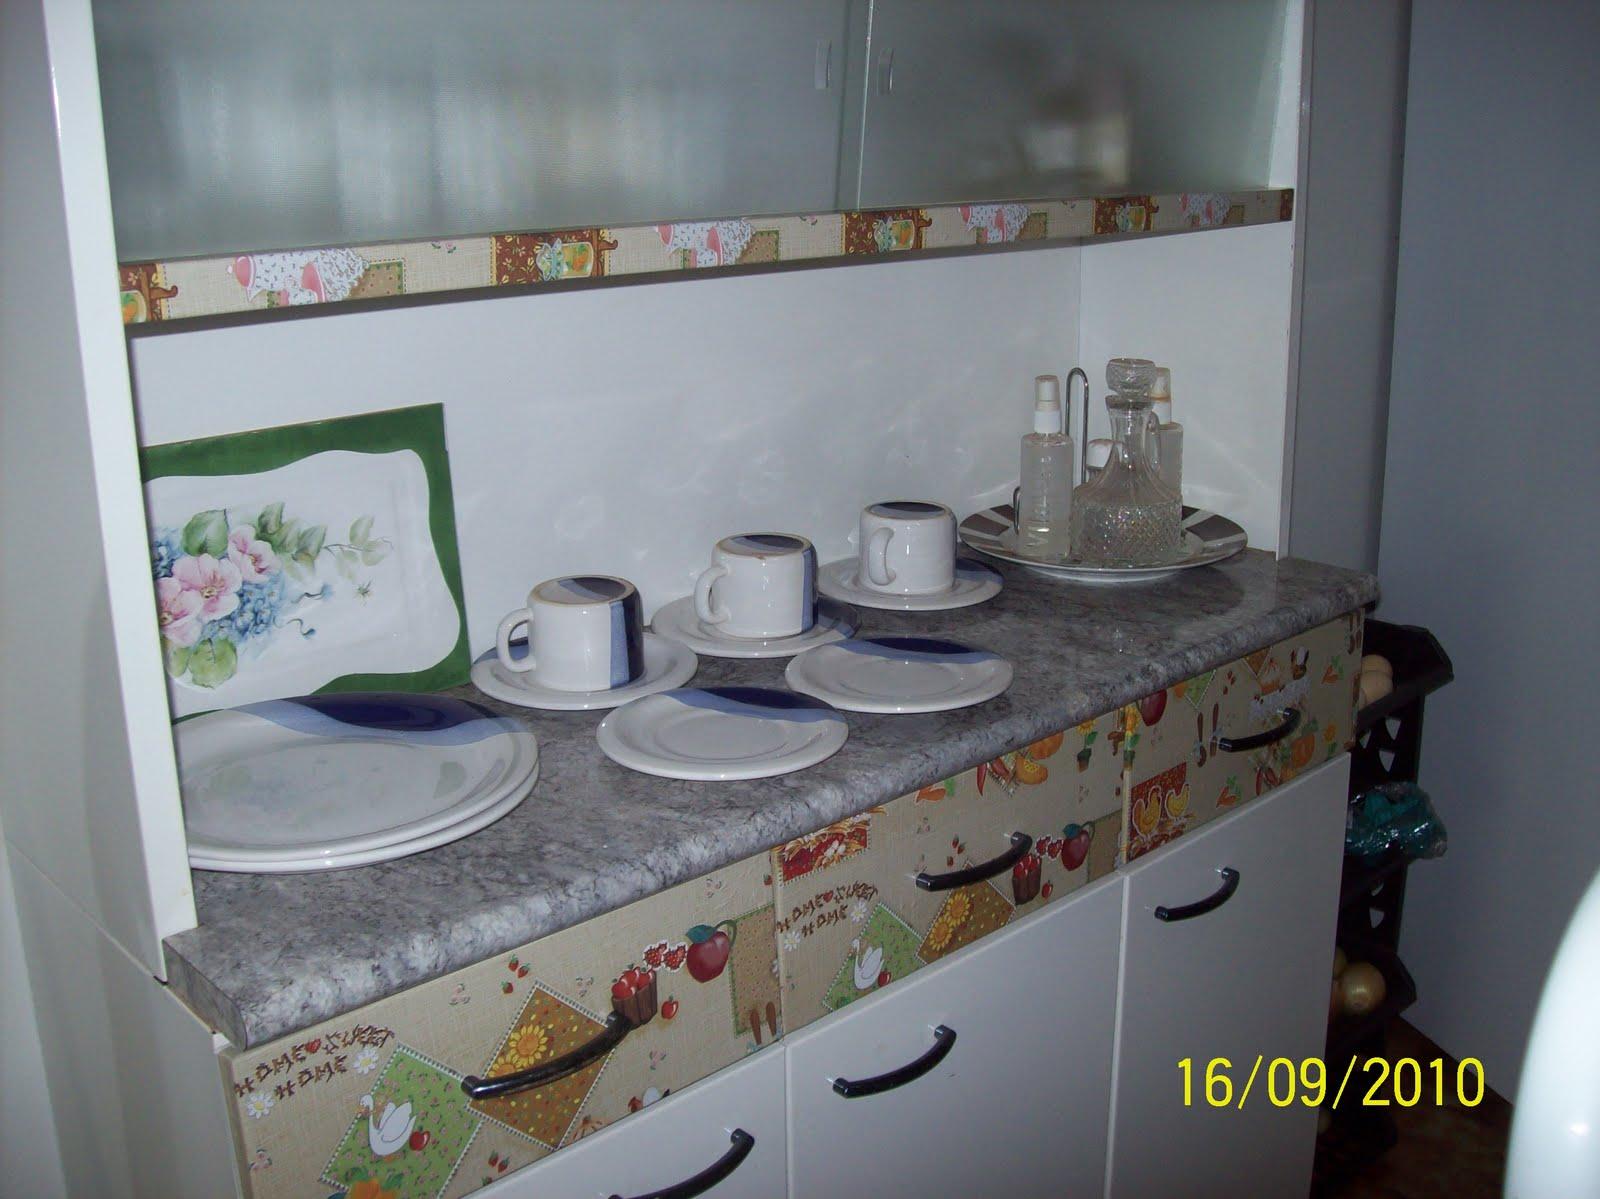 #644738 quinta feira 16 de setembro de 2010 1600x1199 px Projeto Armario De Cozinha Passo A Passo_4006 Imagens